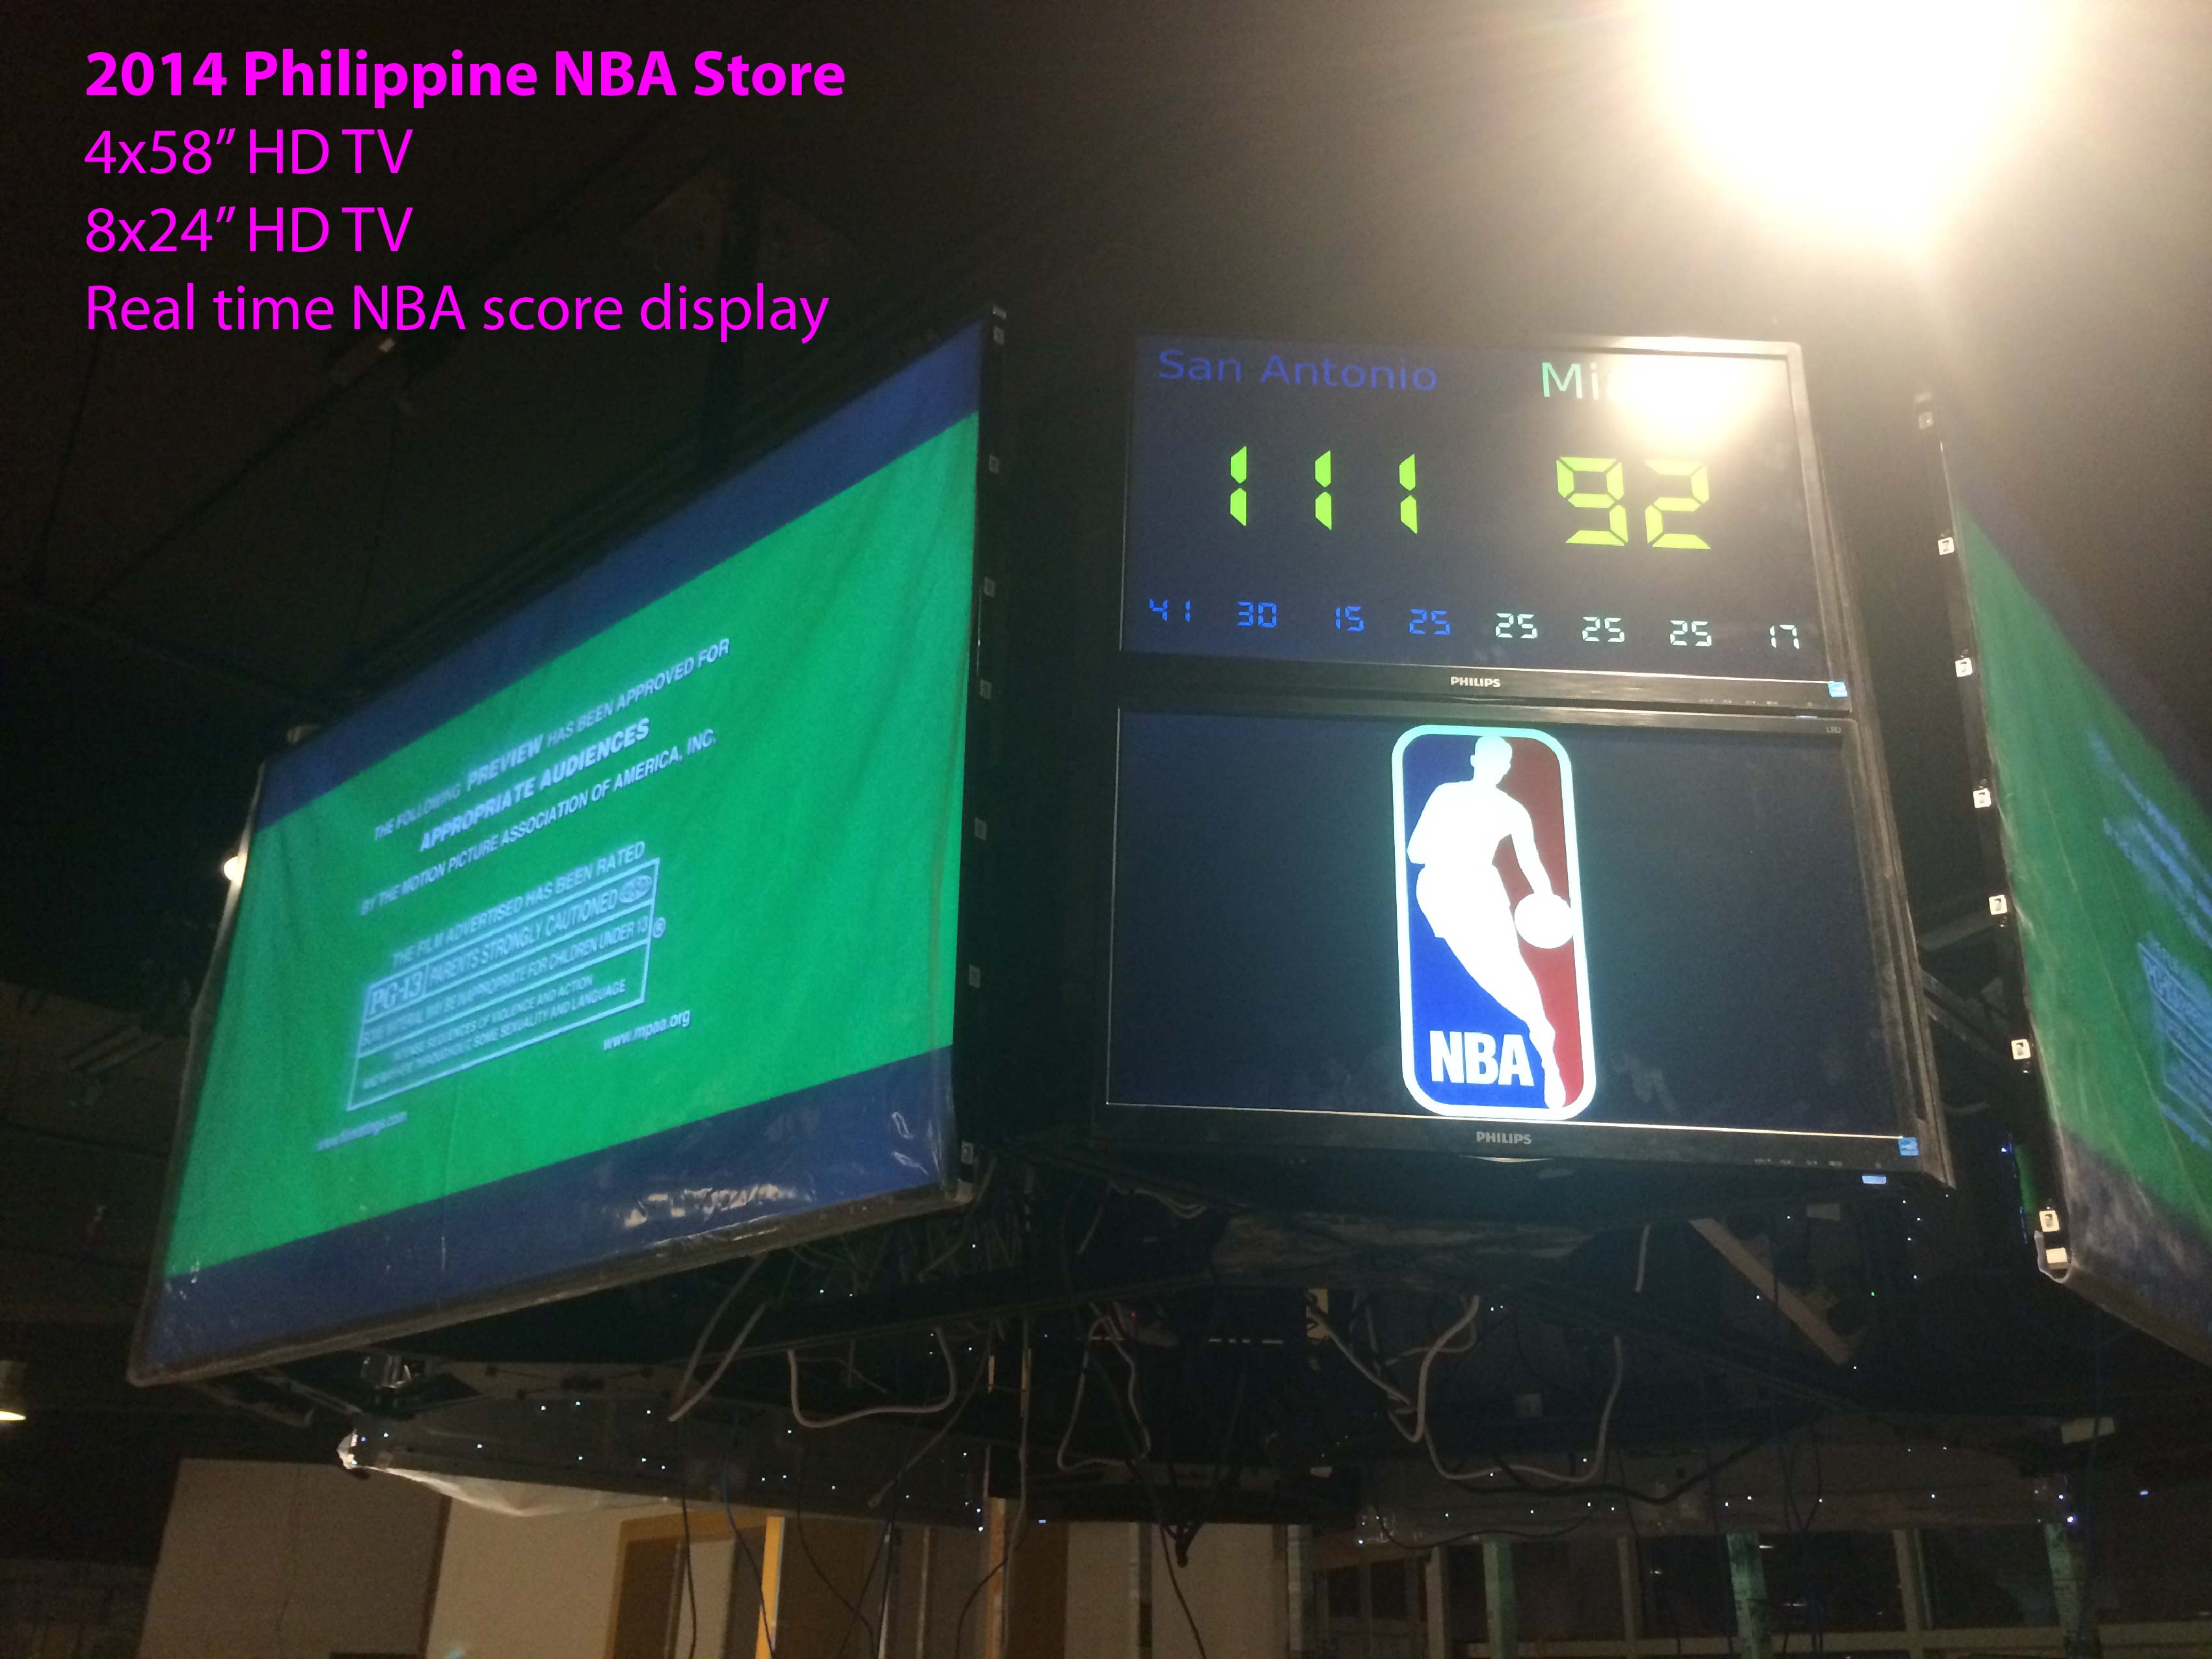 2014 Philippine NBA Store_2